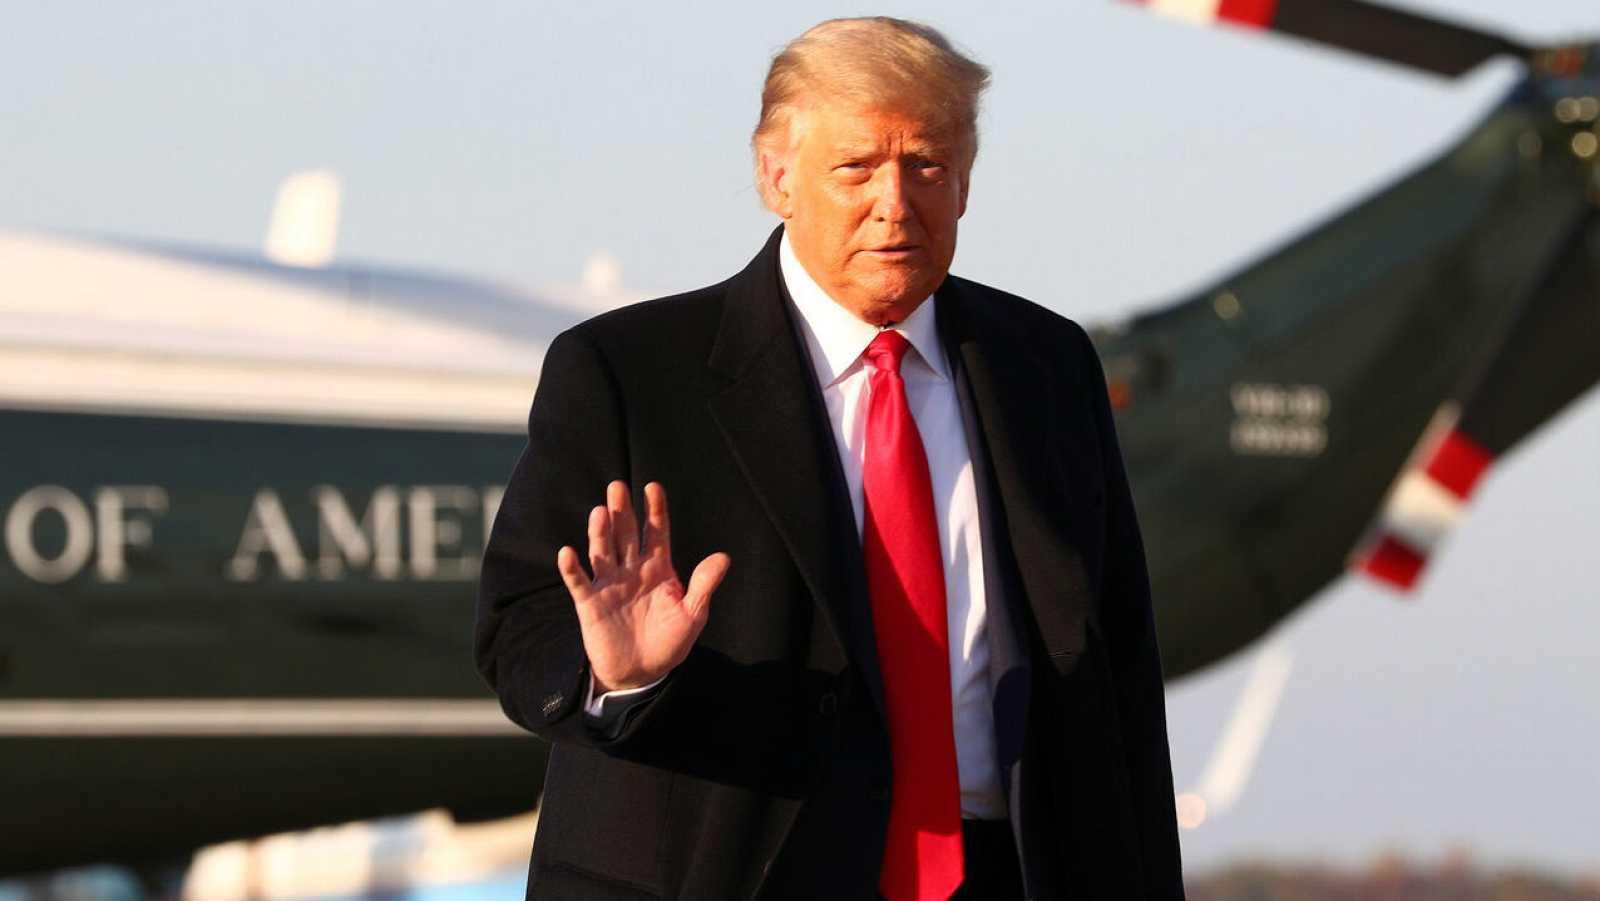 El presidente de EE. UU., Donald Trump, saluda antes de abordar el Air Force One antes de un viaje de campaña, en la base conjunta Andrews, Maryland, EE. UU.